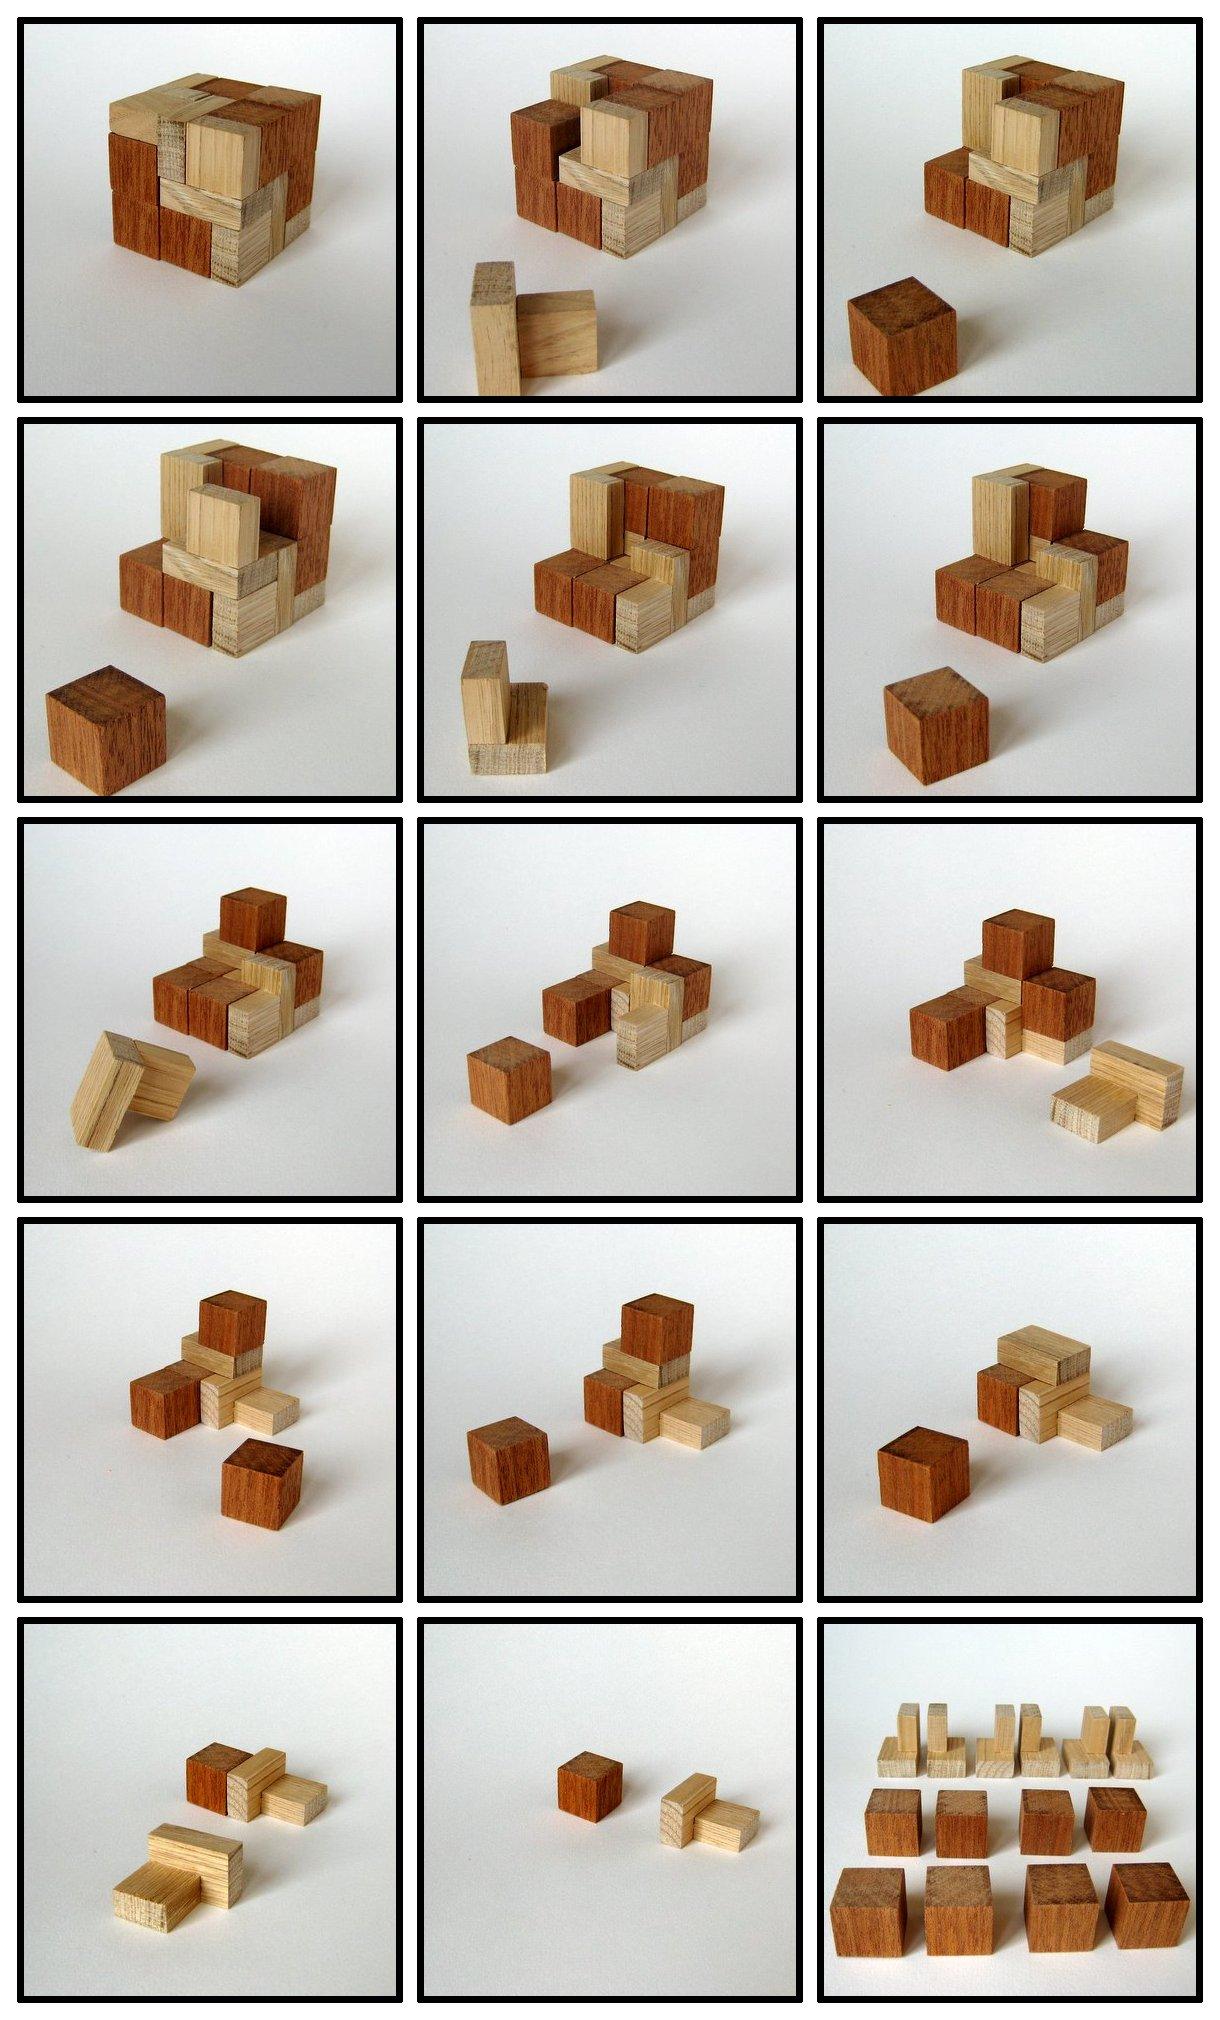 Casse-tête, puzzles et jeux mathématiques » Archive du blog » Cube ...